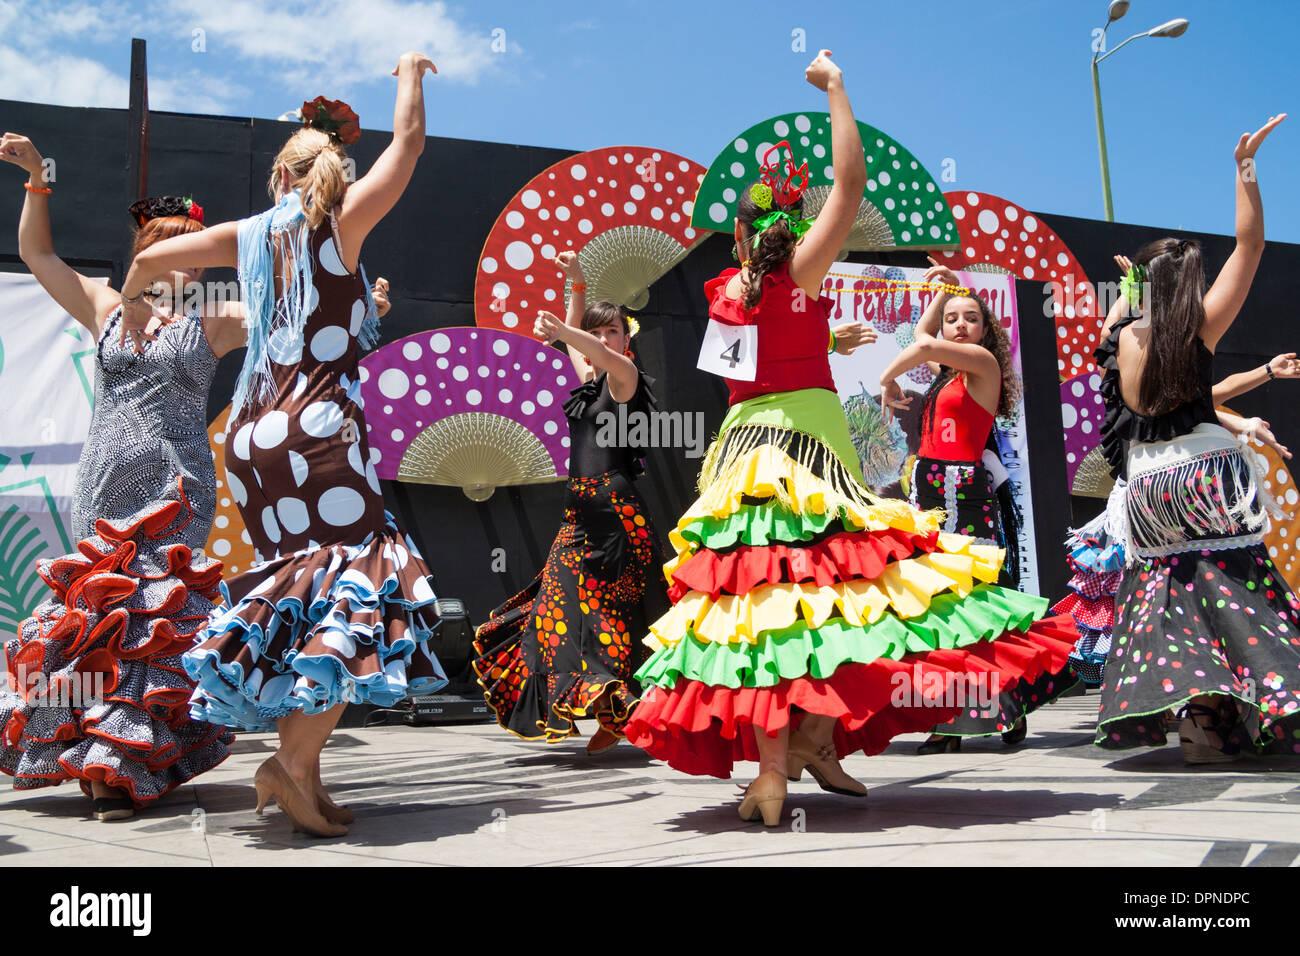 Bailarines de flamenco en la Feria de Abril semana flamenca en Las Palmas, Gran Canaria, Islas Canarias, España Foto de stock